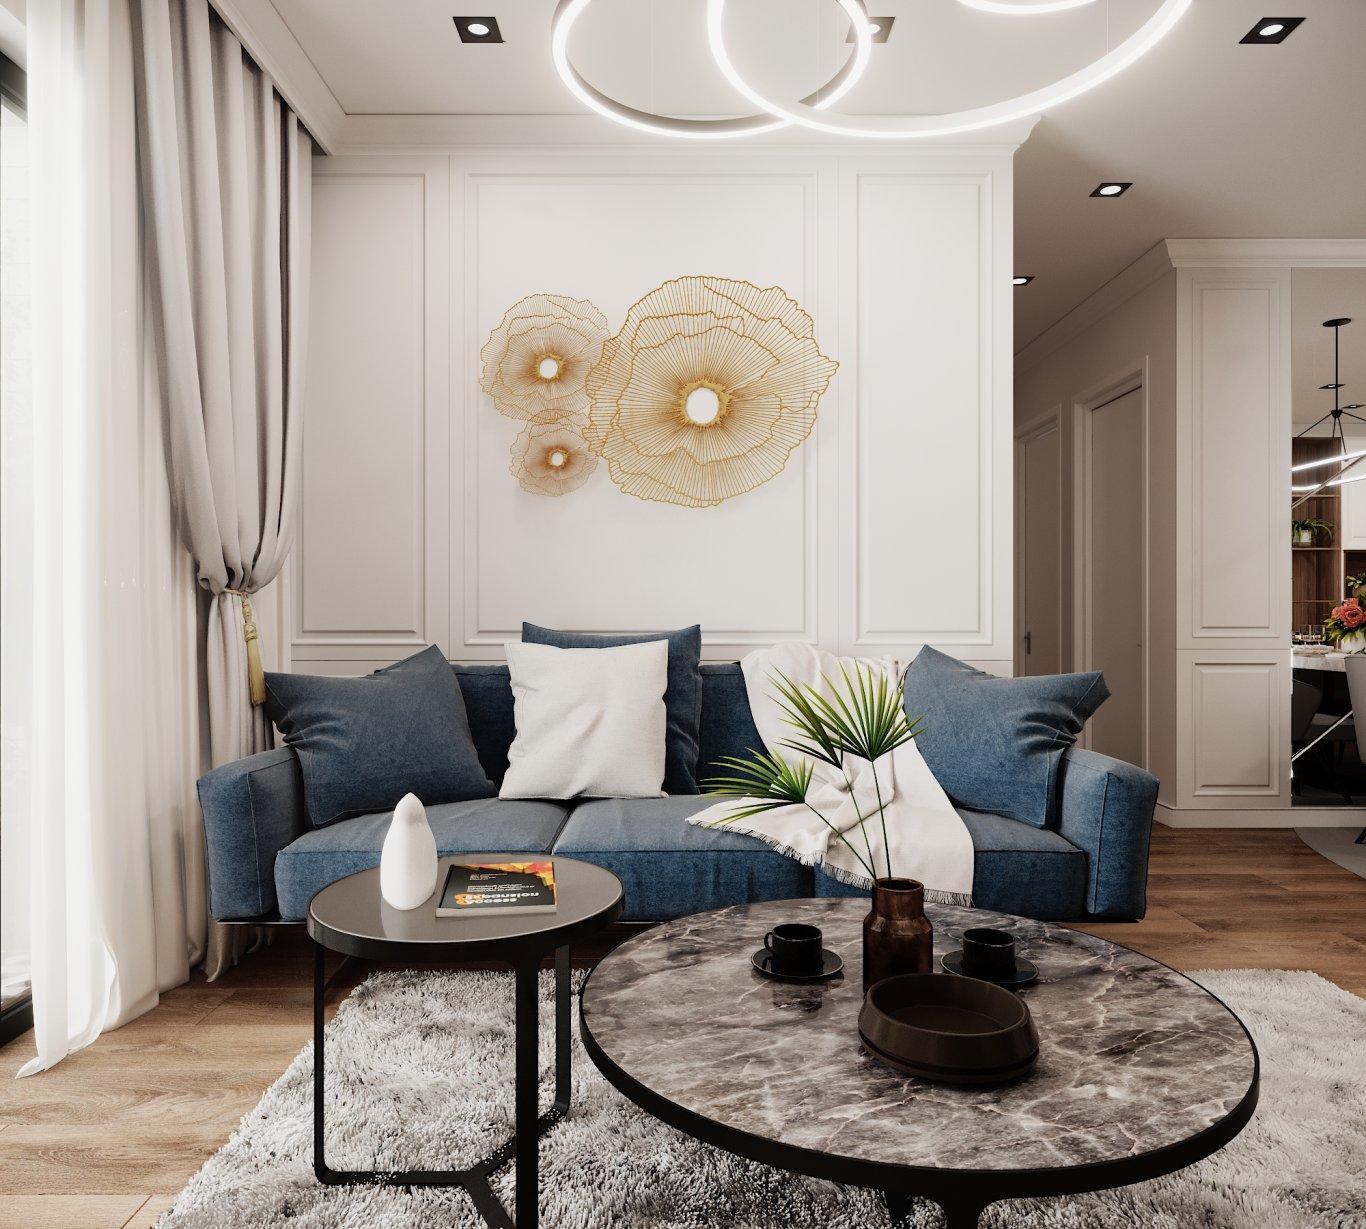 Thiết kế nội thất căn hộ chung cư 86m2 tại Kosmo Tây Hồ